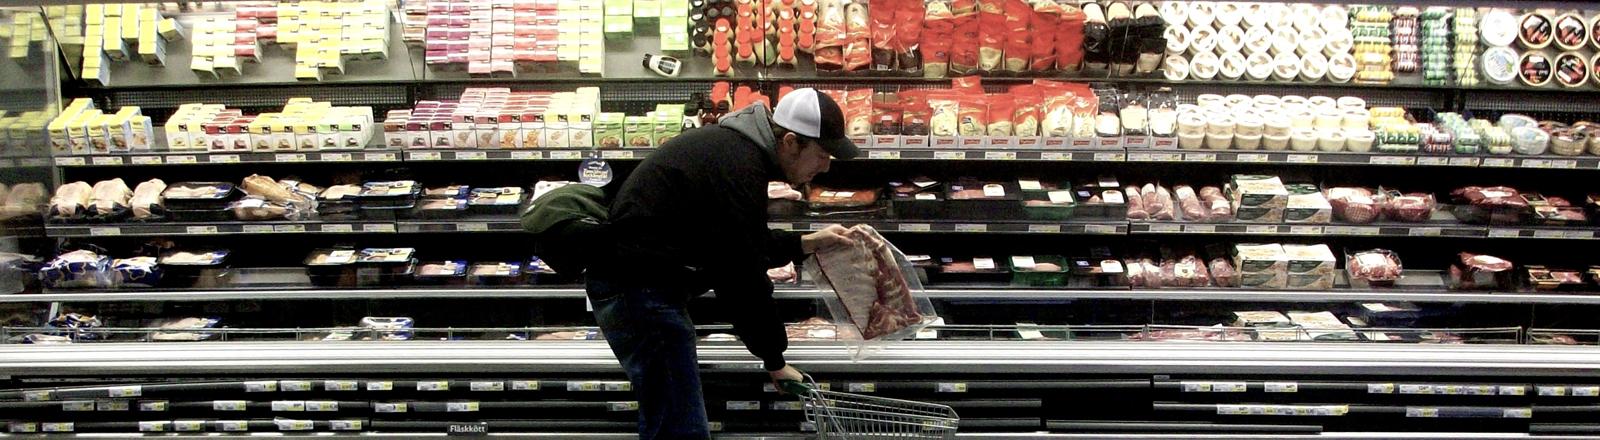 Mann vor der Kühltheke im Supermarkt